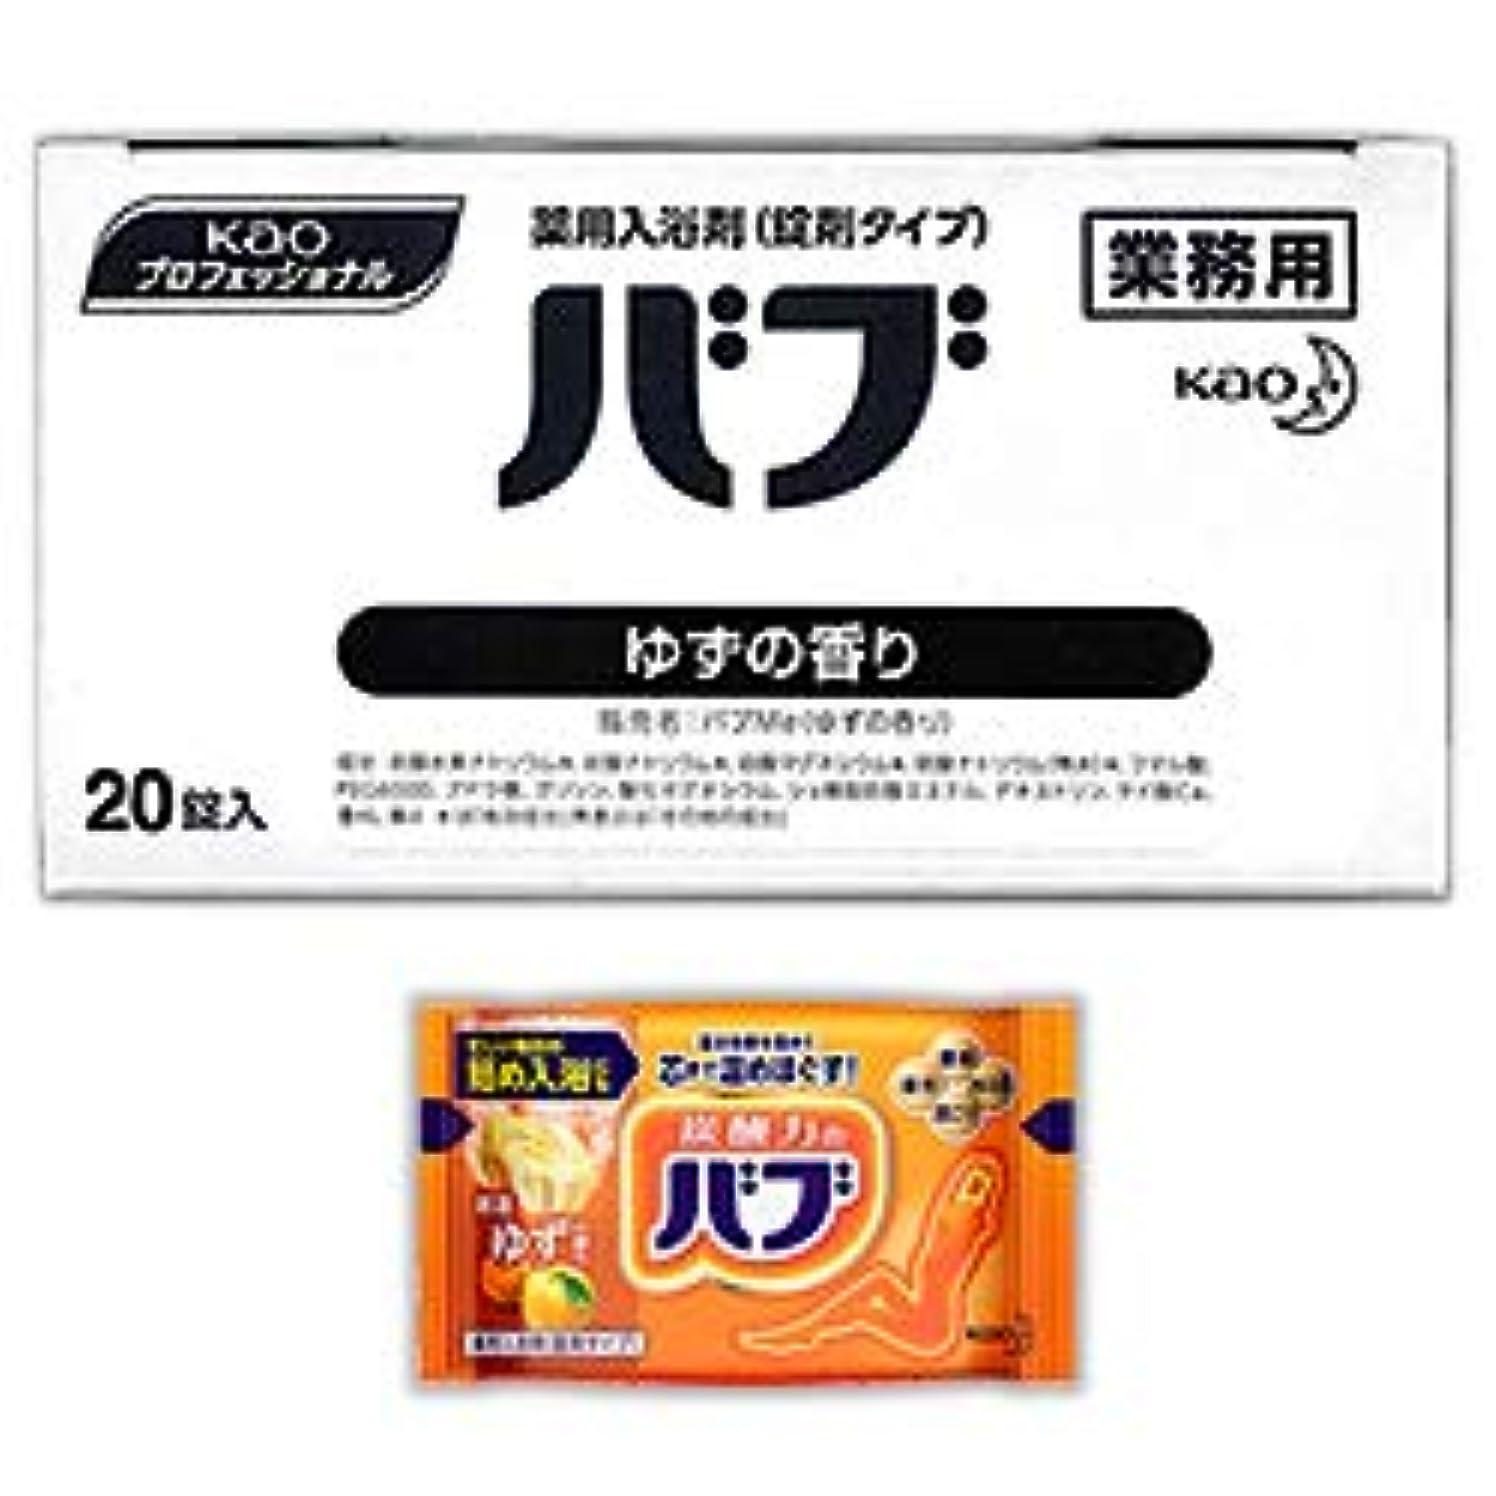 毛布思い出させる肝【花王】Kaoプロフェッショナル バブ ゆずの香り(業務用) 40g×20錠入 ×4個セット